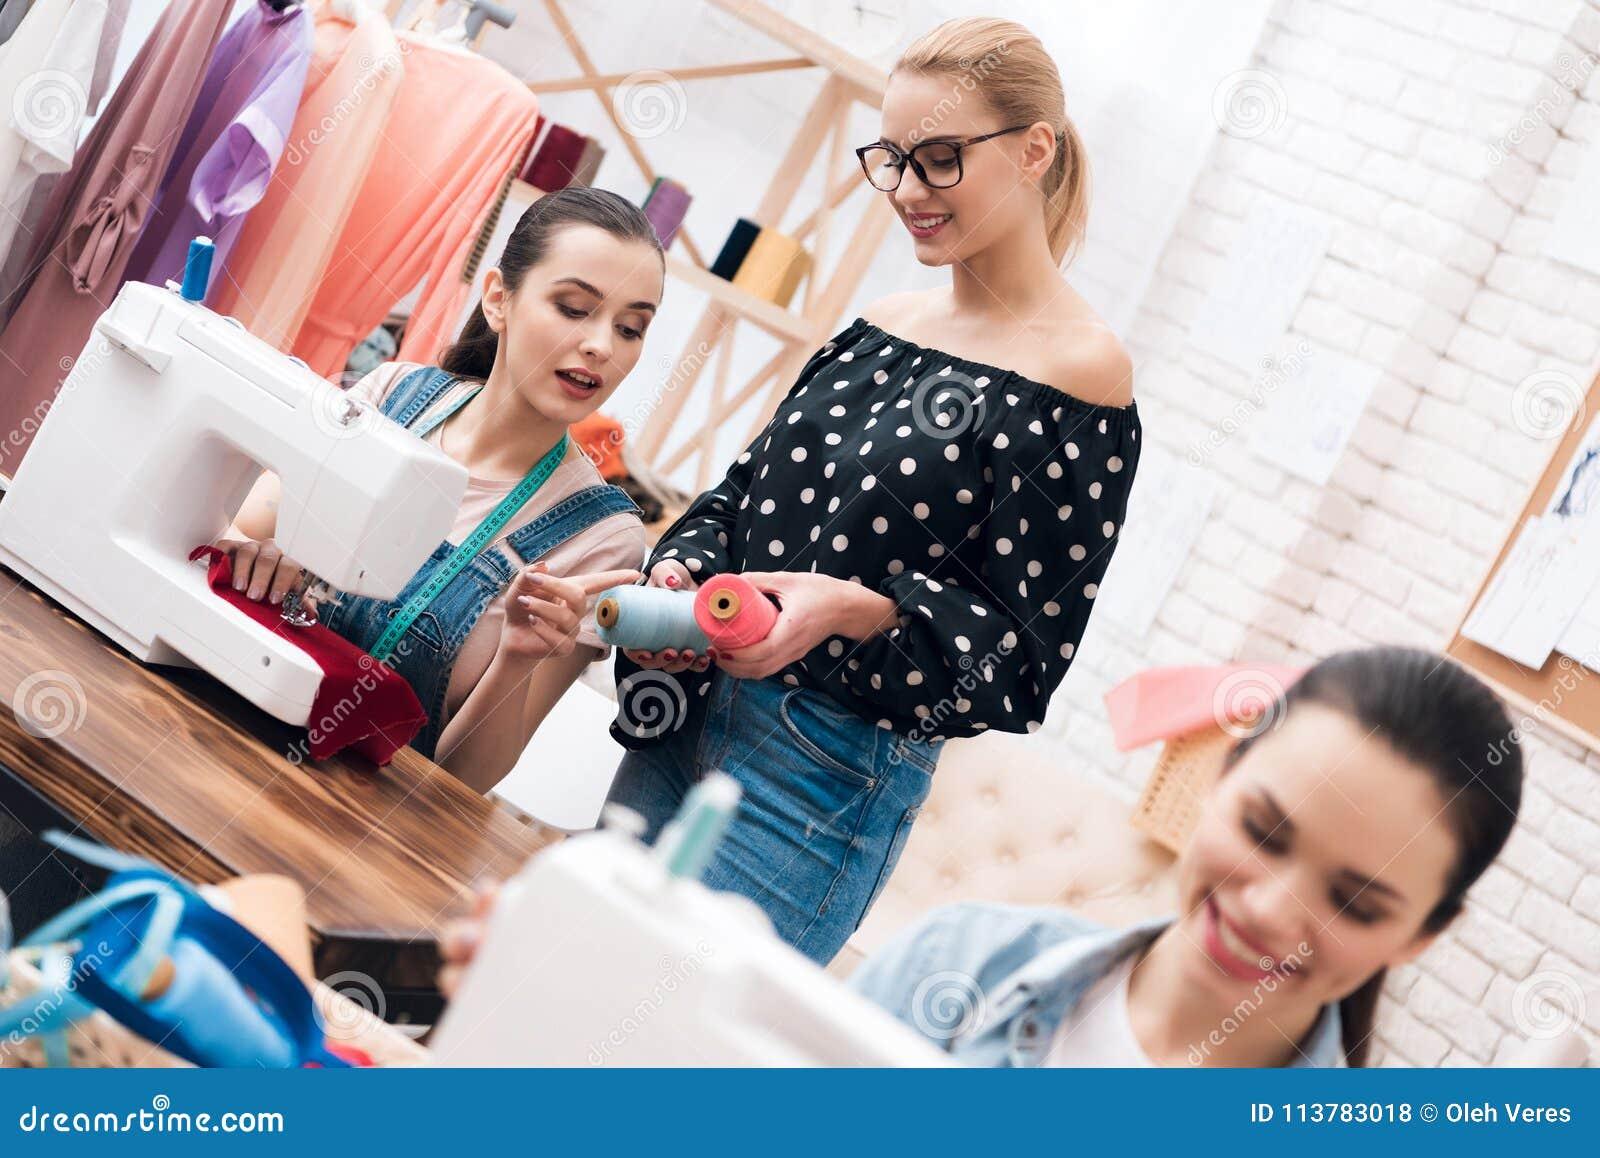 Tre ragazze alla fabbrica dell indumento Stanno sedendo dietro le macchine per cucire e scegliere infila per il nuovo vestito